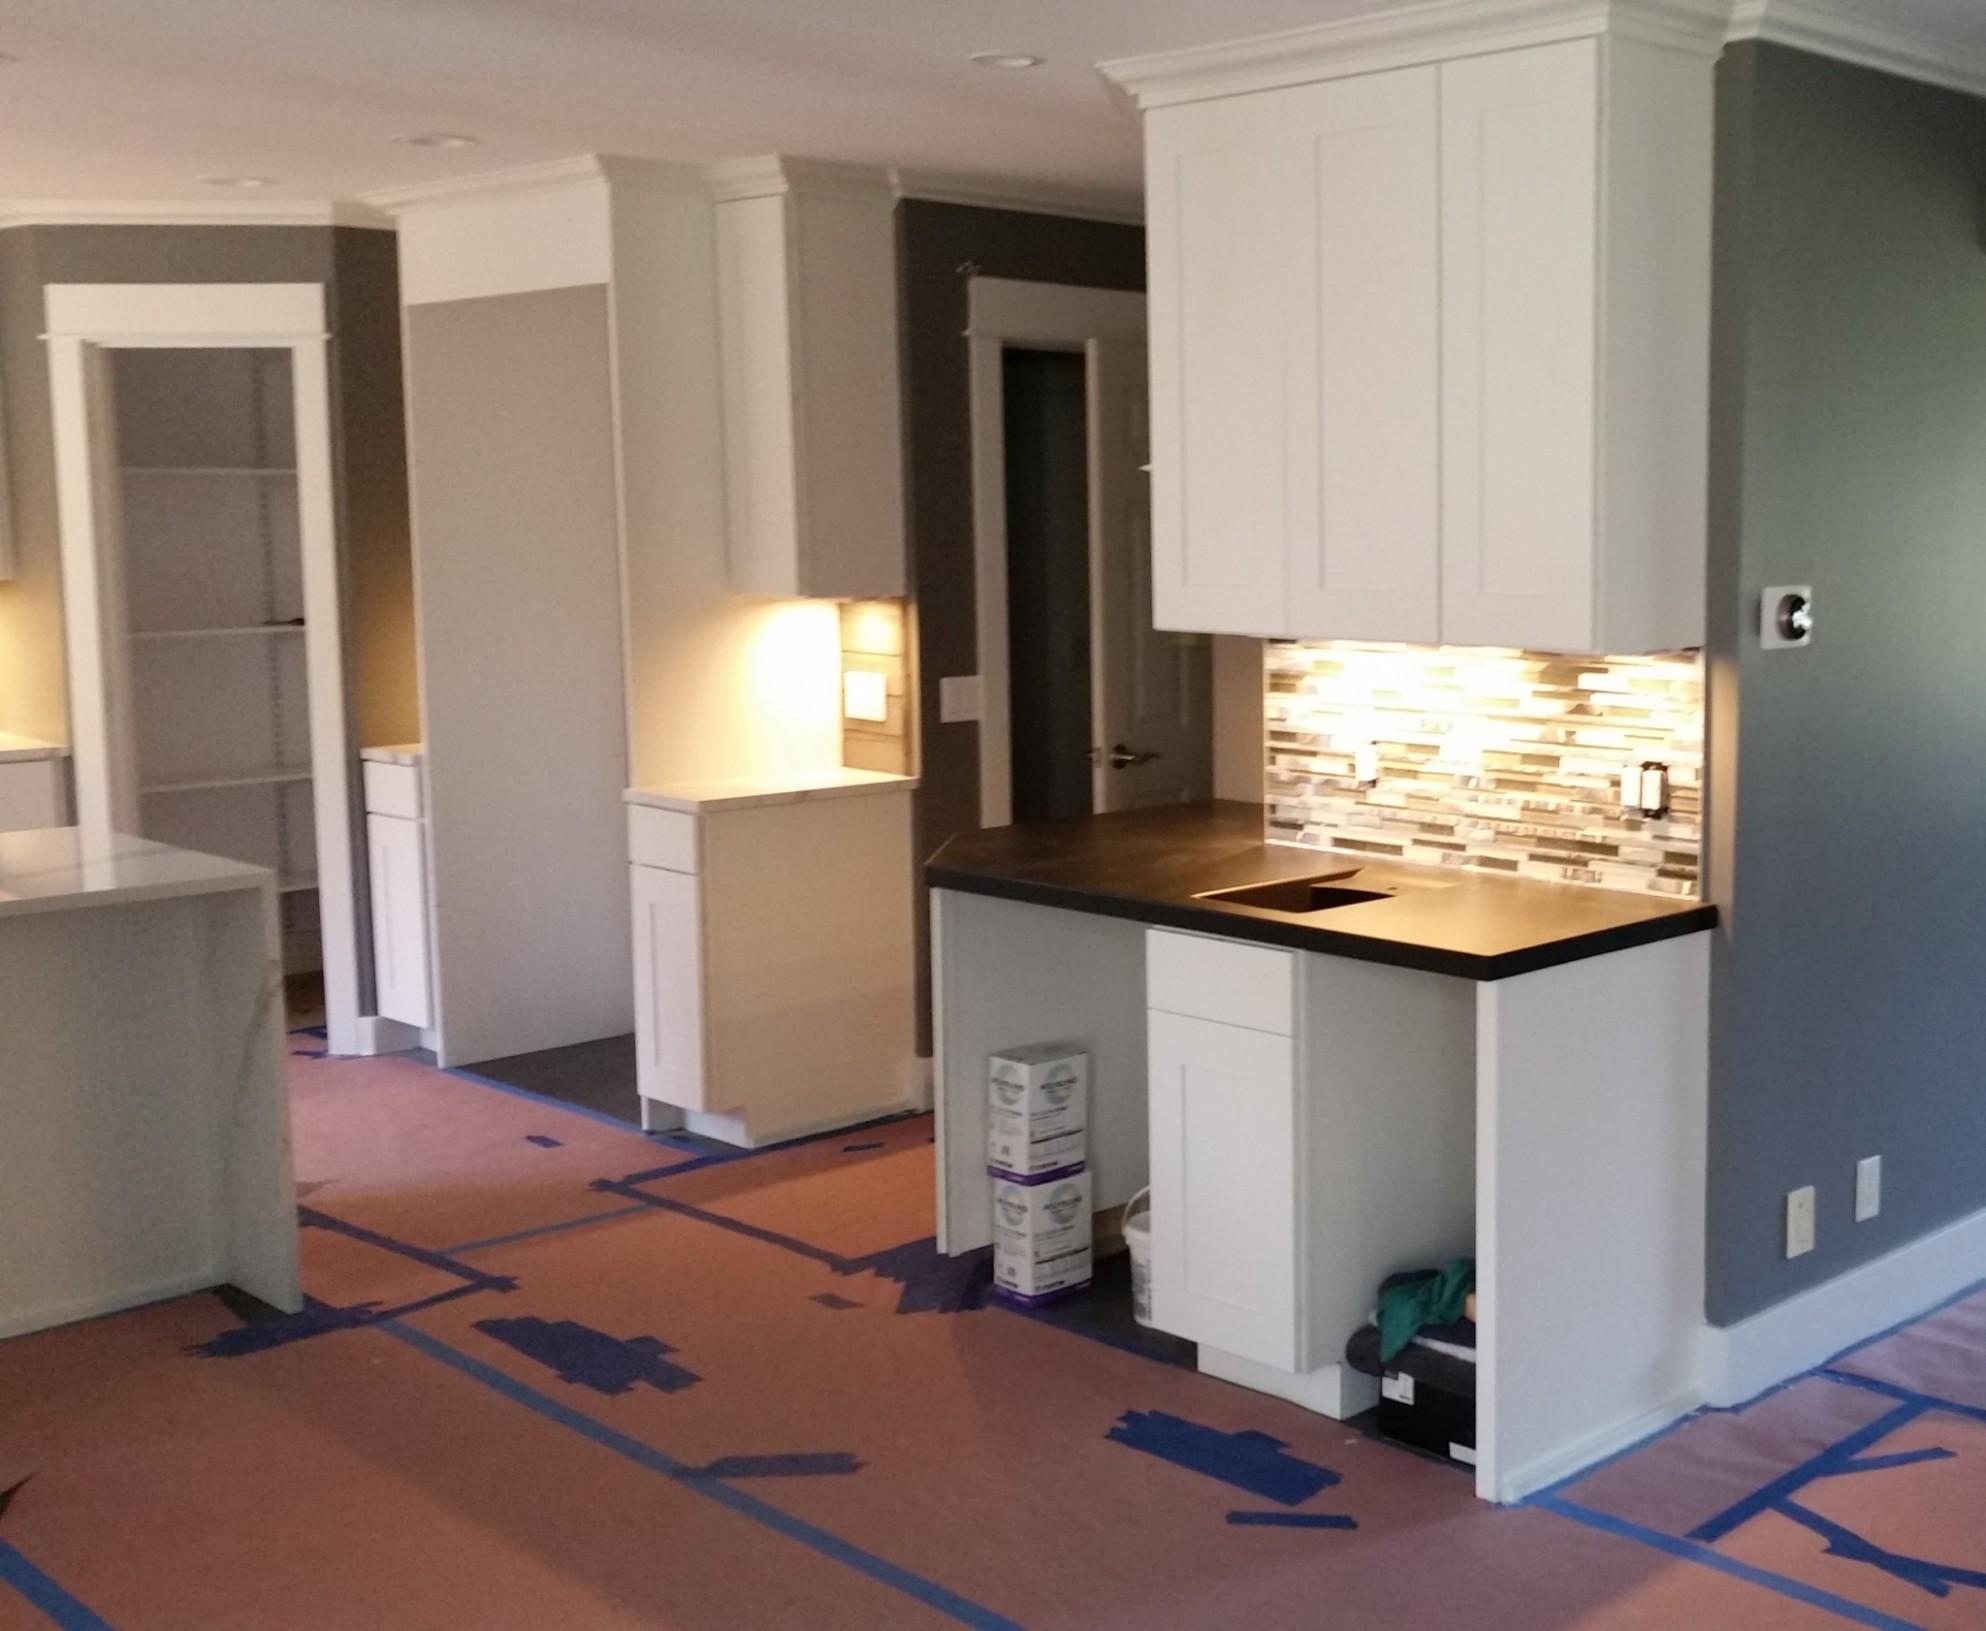 Vanderlee Construction  Grand Haven MI Kitchens - Kitchen Cabinets Grand Haven Mi